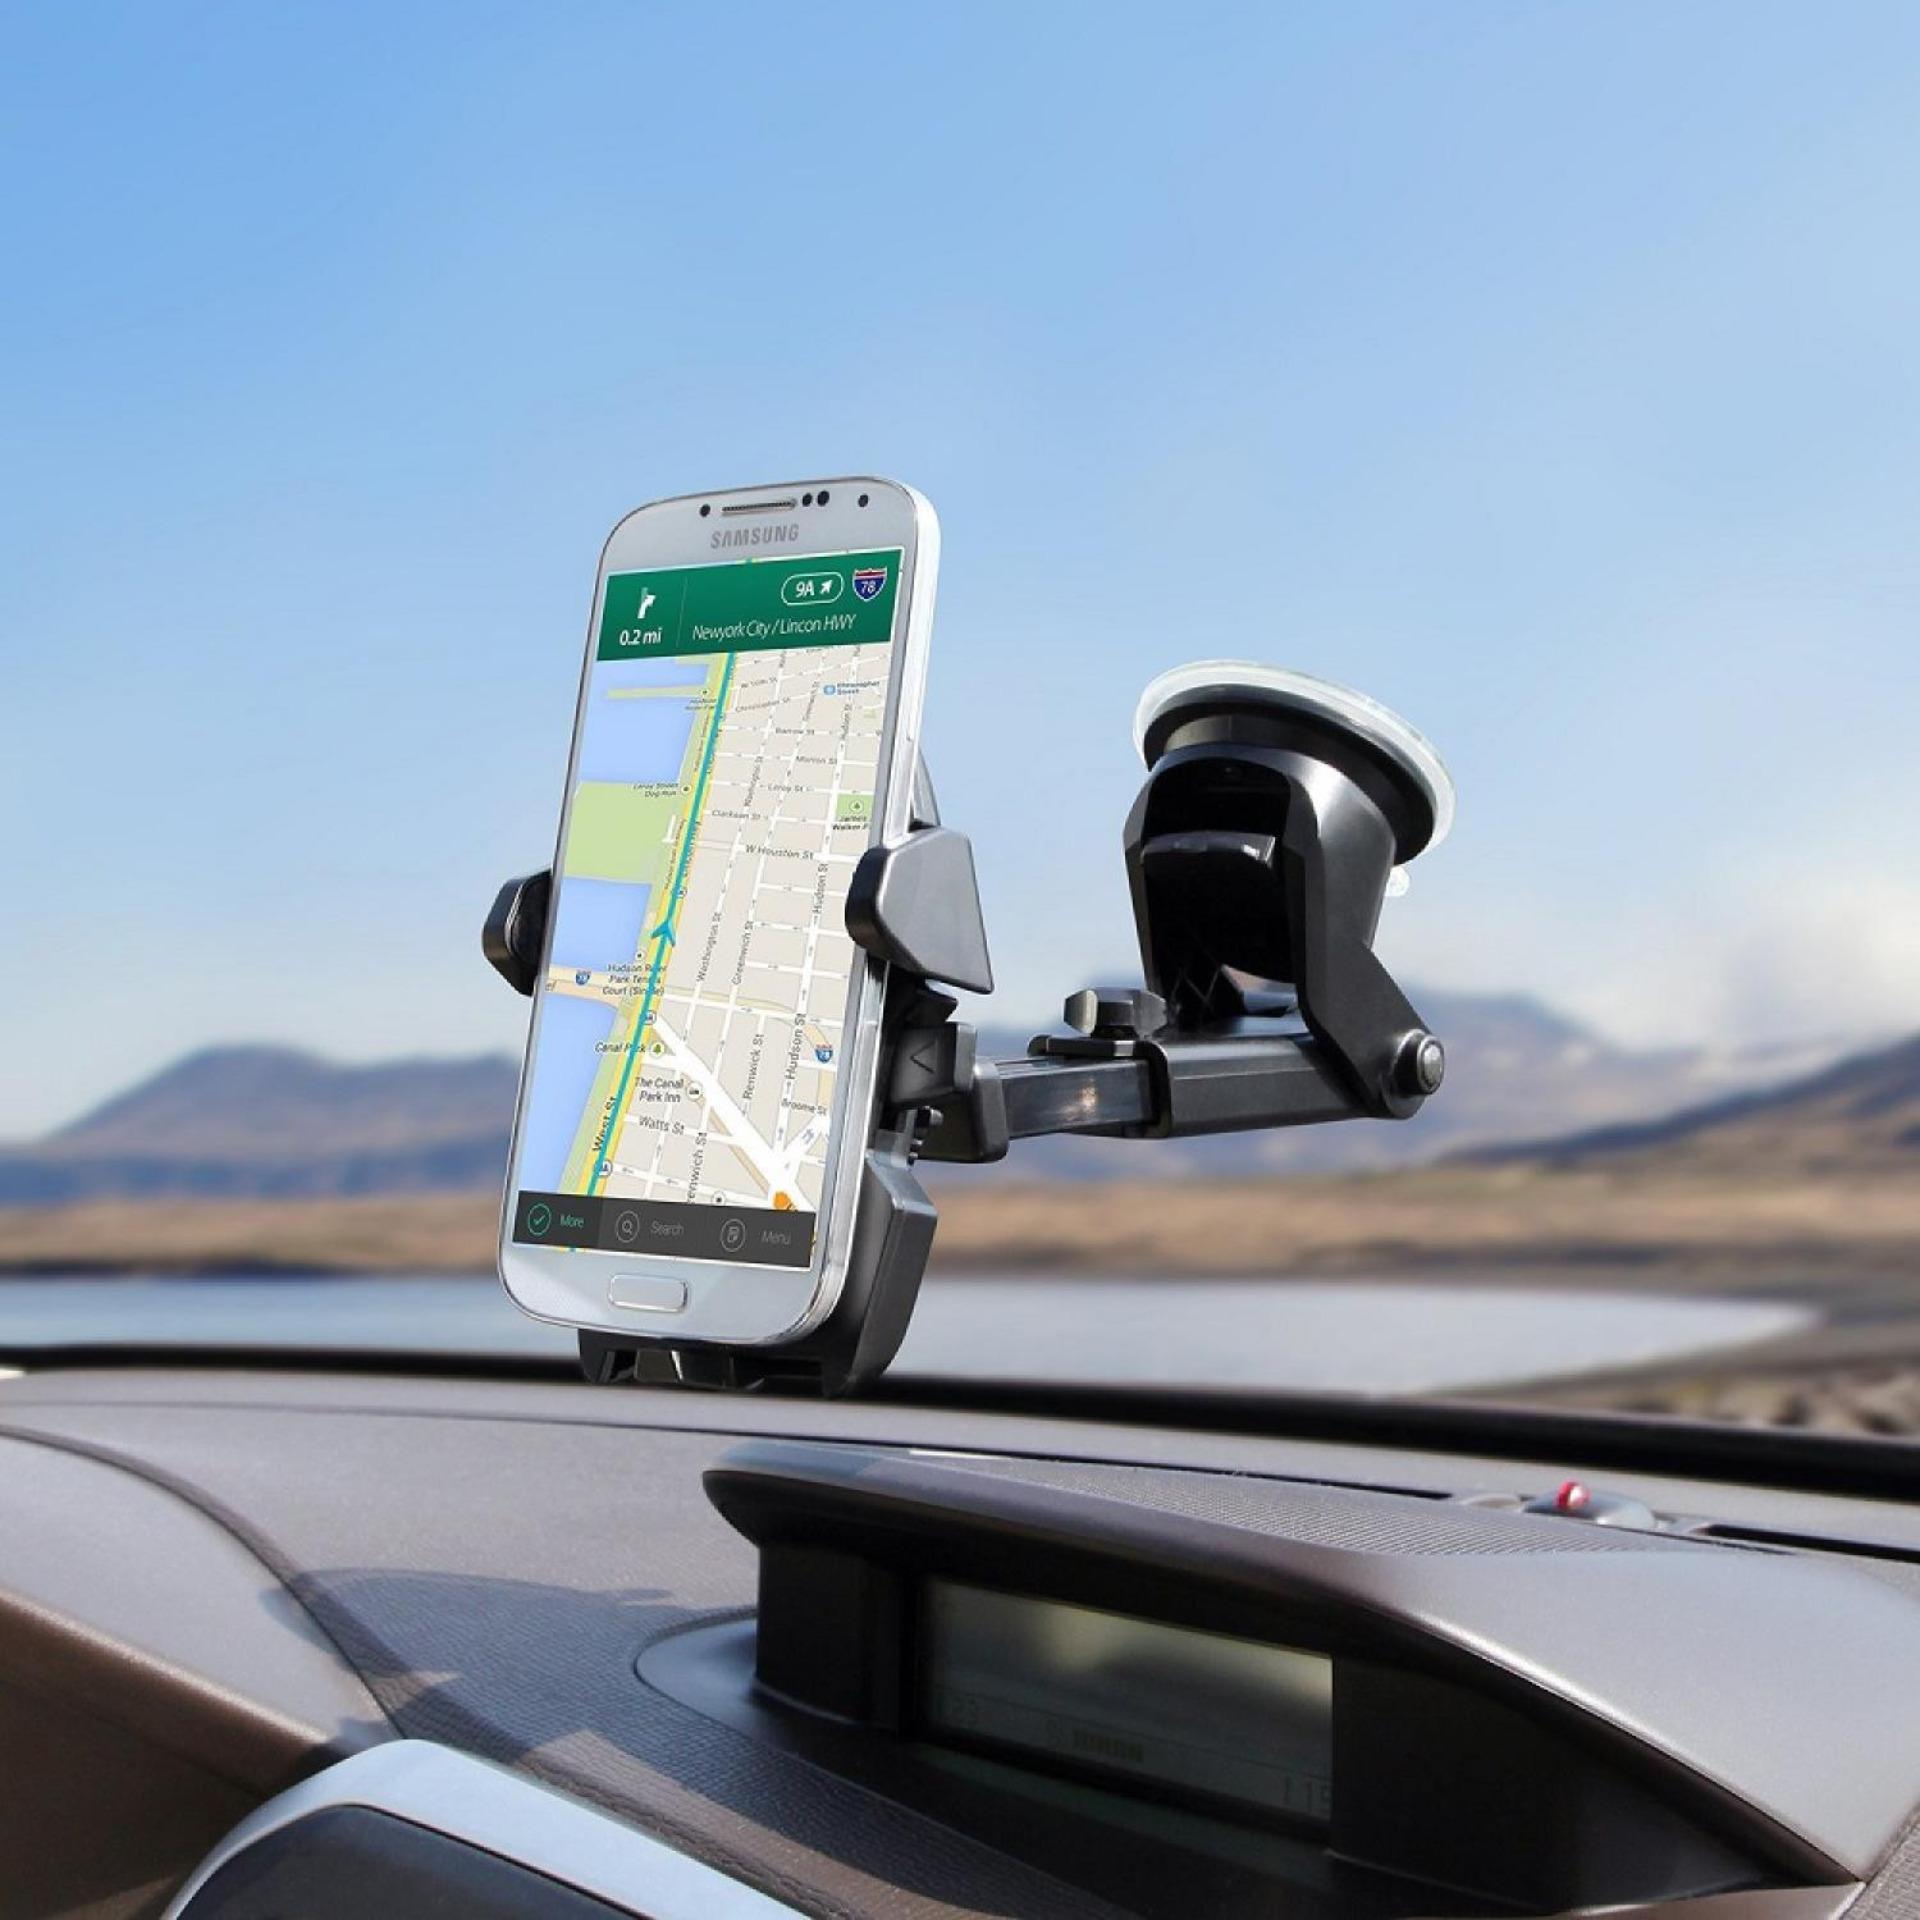 Universal Mobile Phone Car Holder SH3 - Hitam .